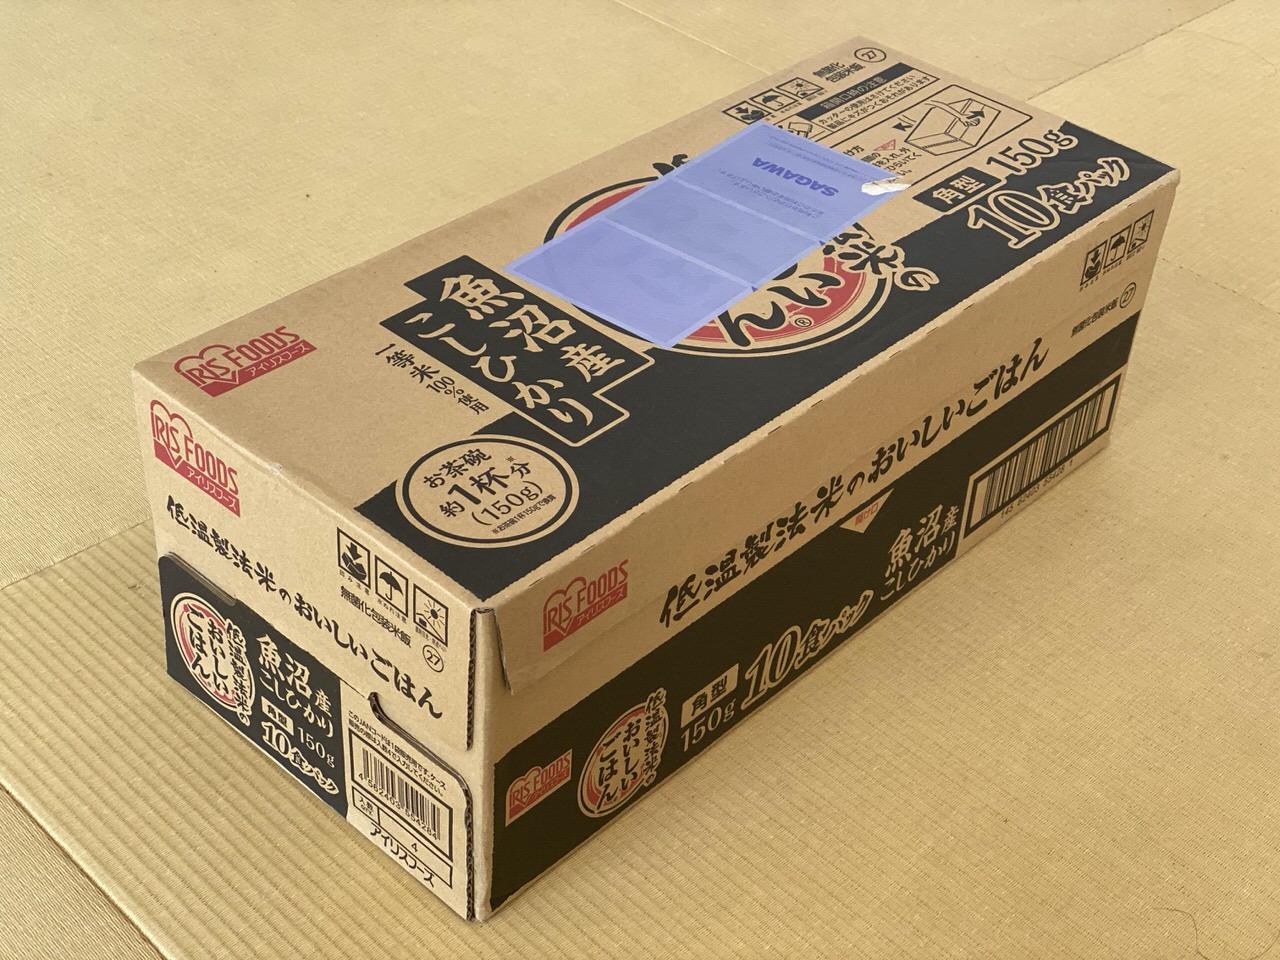 アイリスオーヤマ「低温製法米のおいしいごはん」1